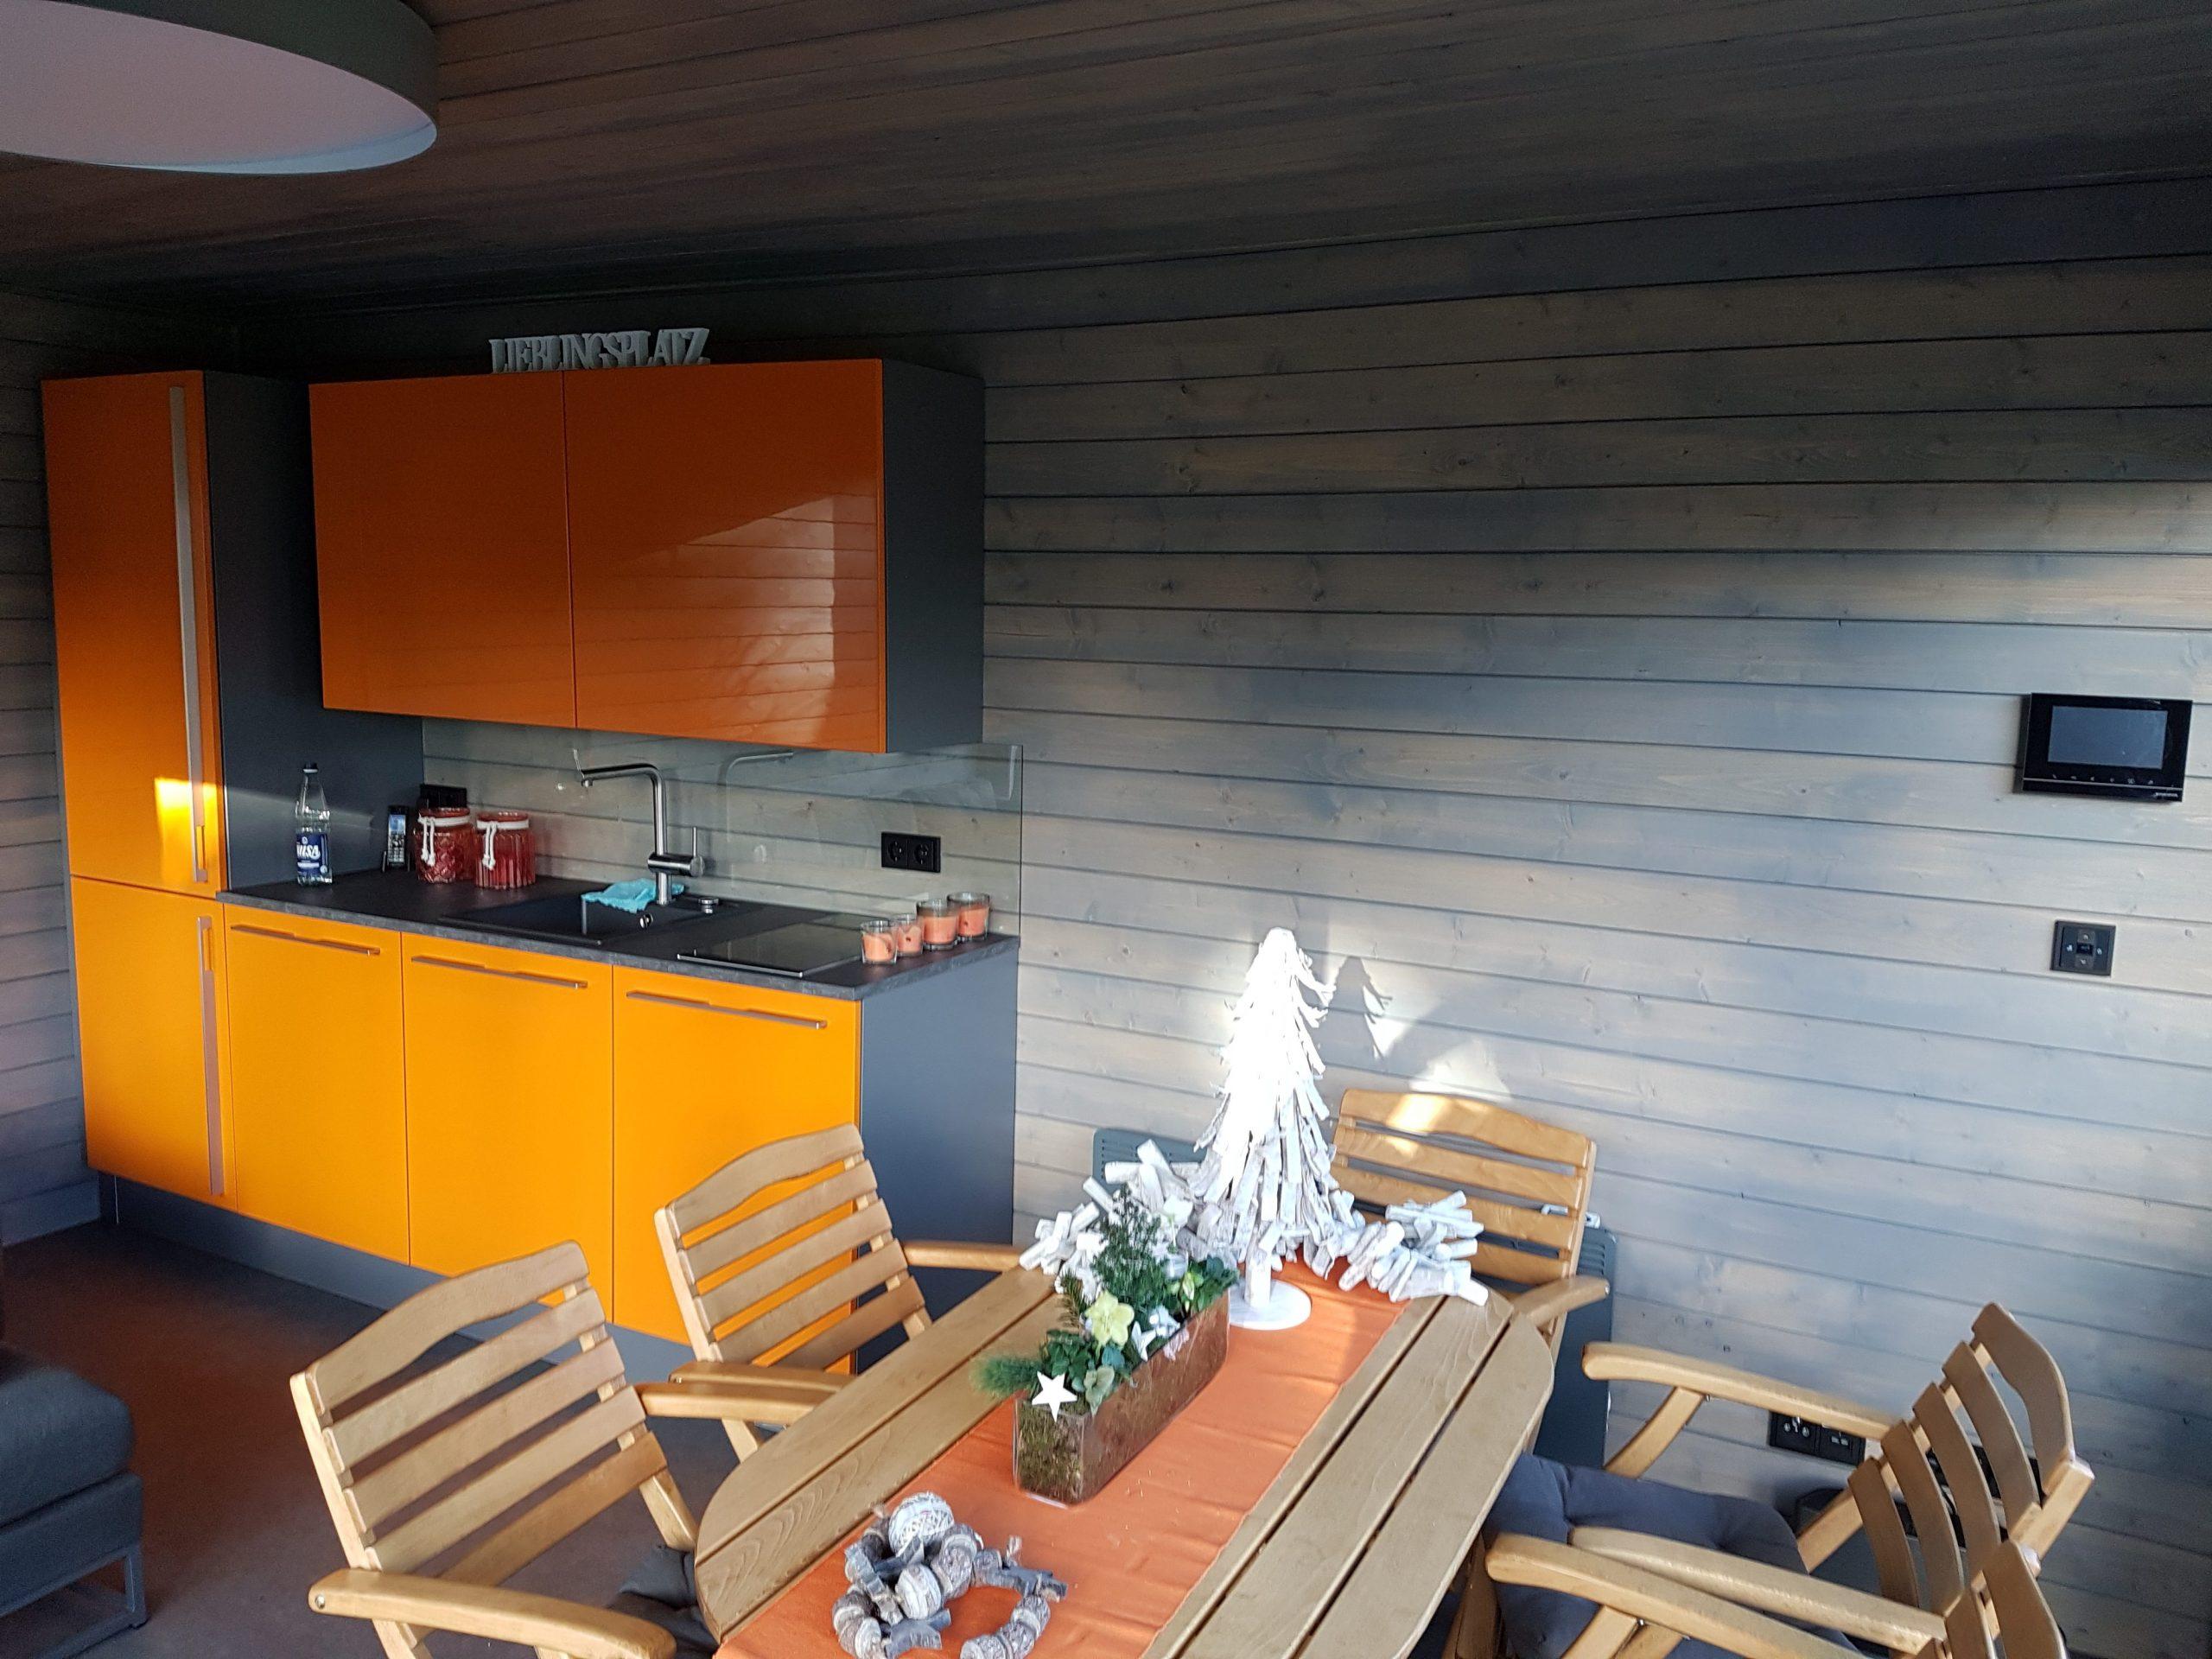 Gartenhaus, Blockcube, Detail, Innenansicht